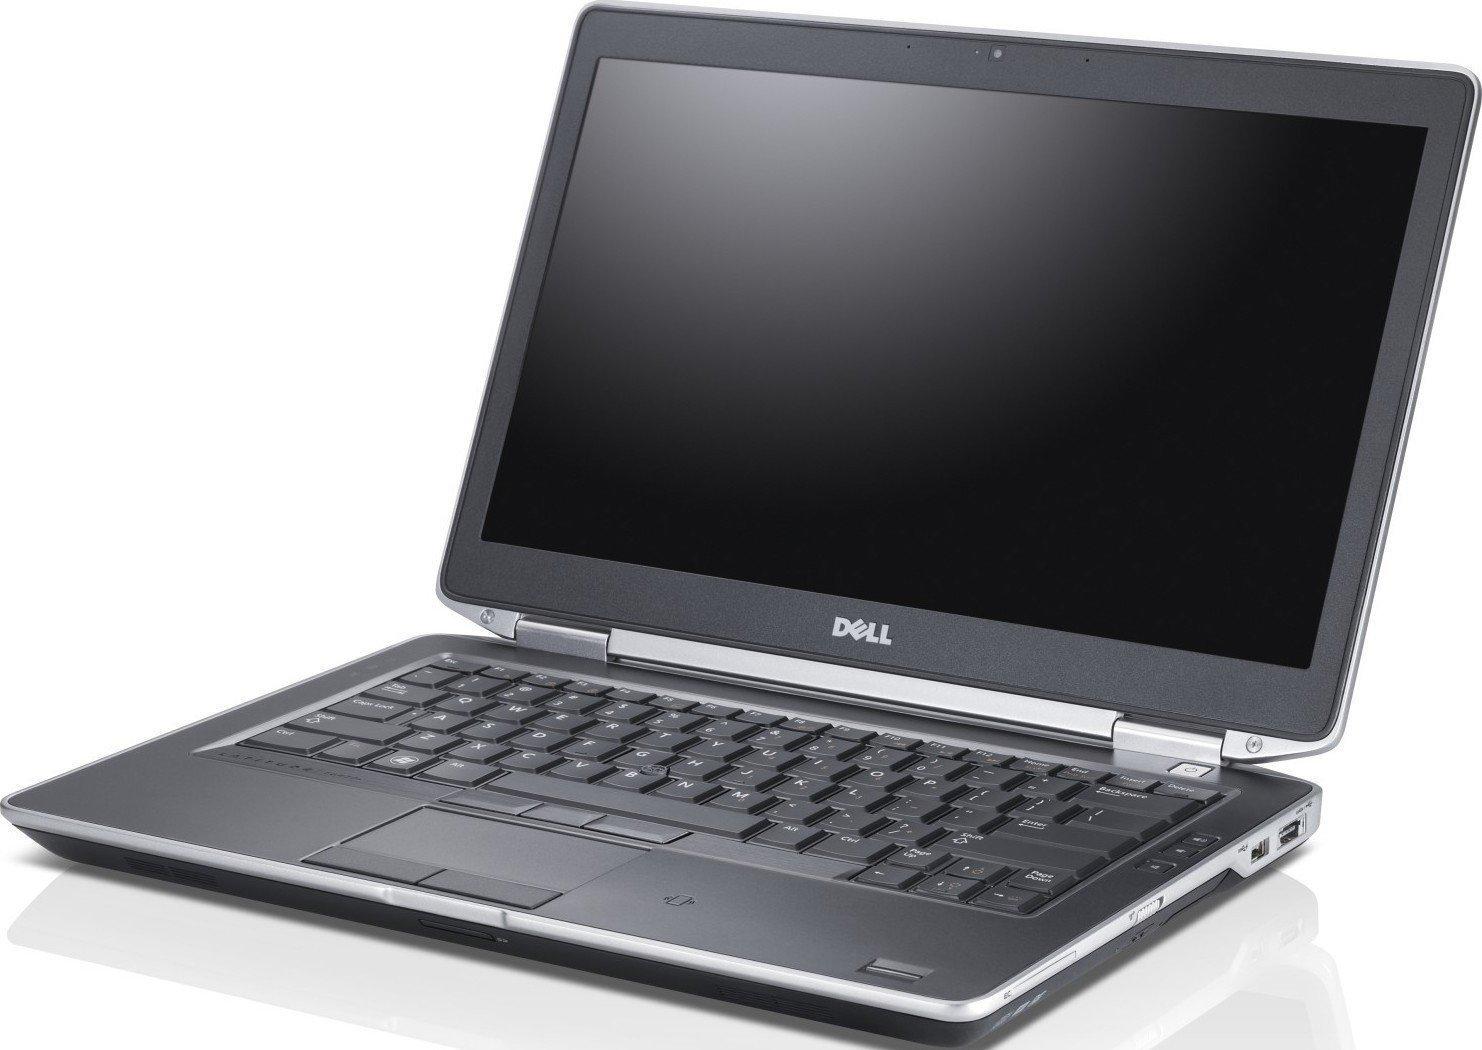 Dell Latitude E6420 Laptop WEBCAM - HDMI - i5 2.5ghz - 4GB DDR3 - 160GB - DVDRW - Windows 7 64bit - REMIS A NEUF - REFURBISHED